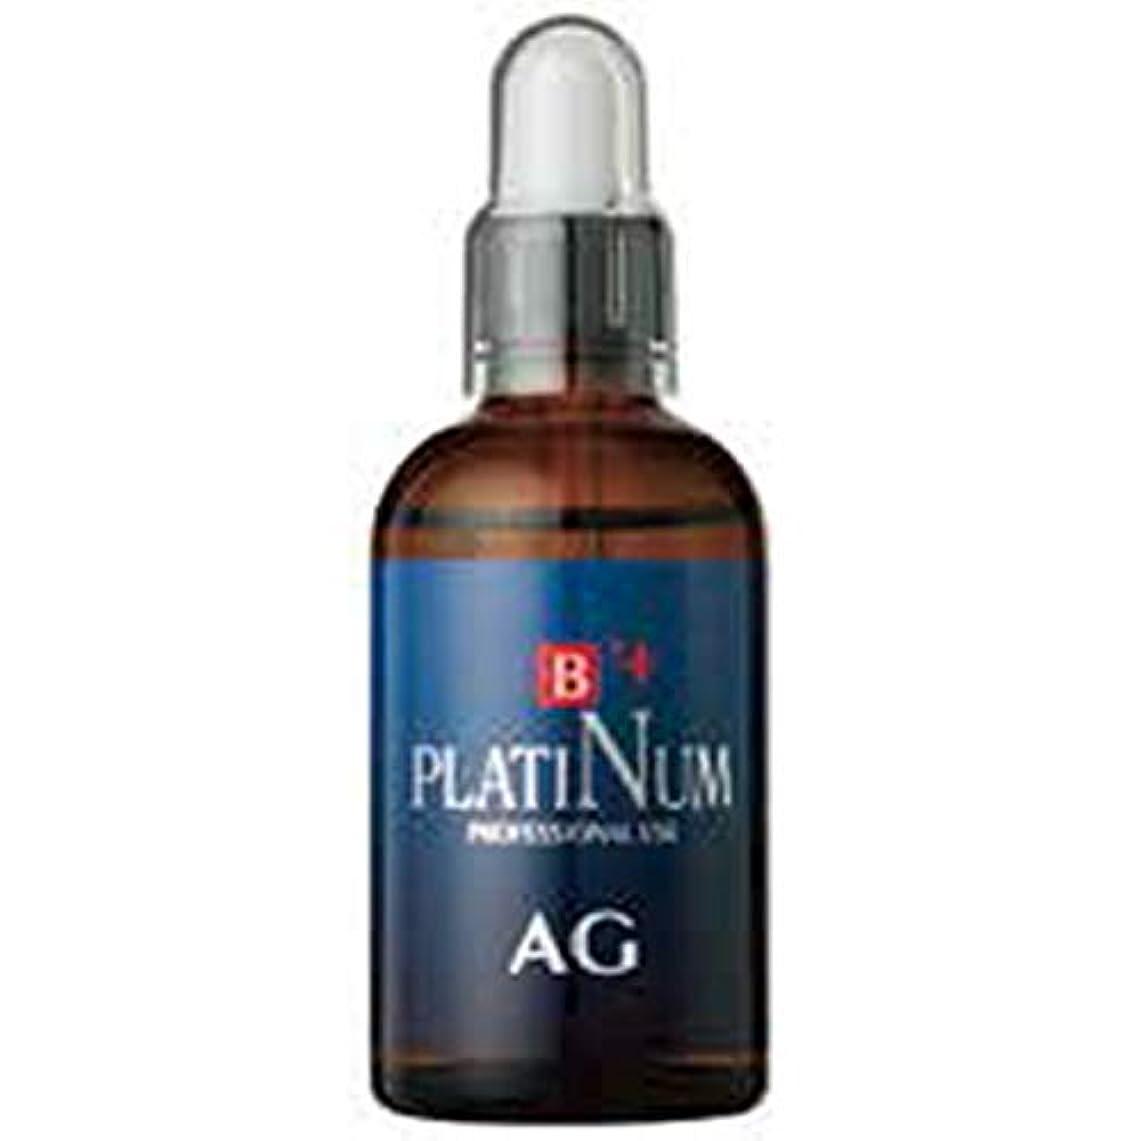 腐敗水っぽい不安定【ビューティー プラチナム】 PLATINUM B'+  アルジレリン16%(+シンーエイク配合 高濃度美容液)  リフトアップ専用:100ml